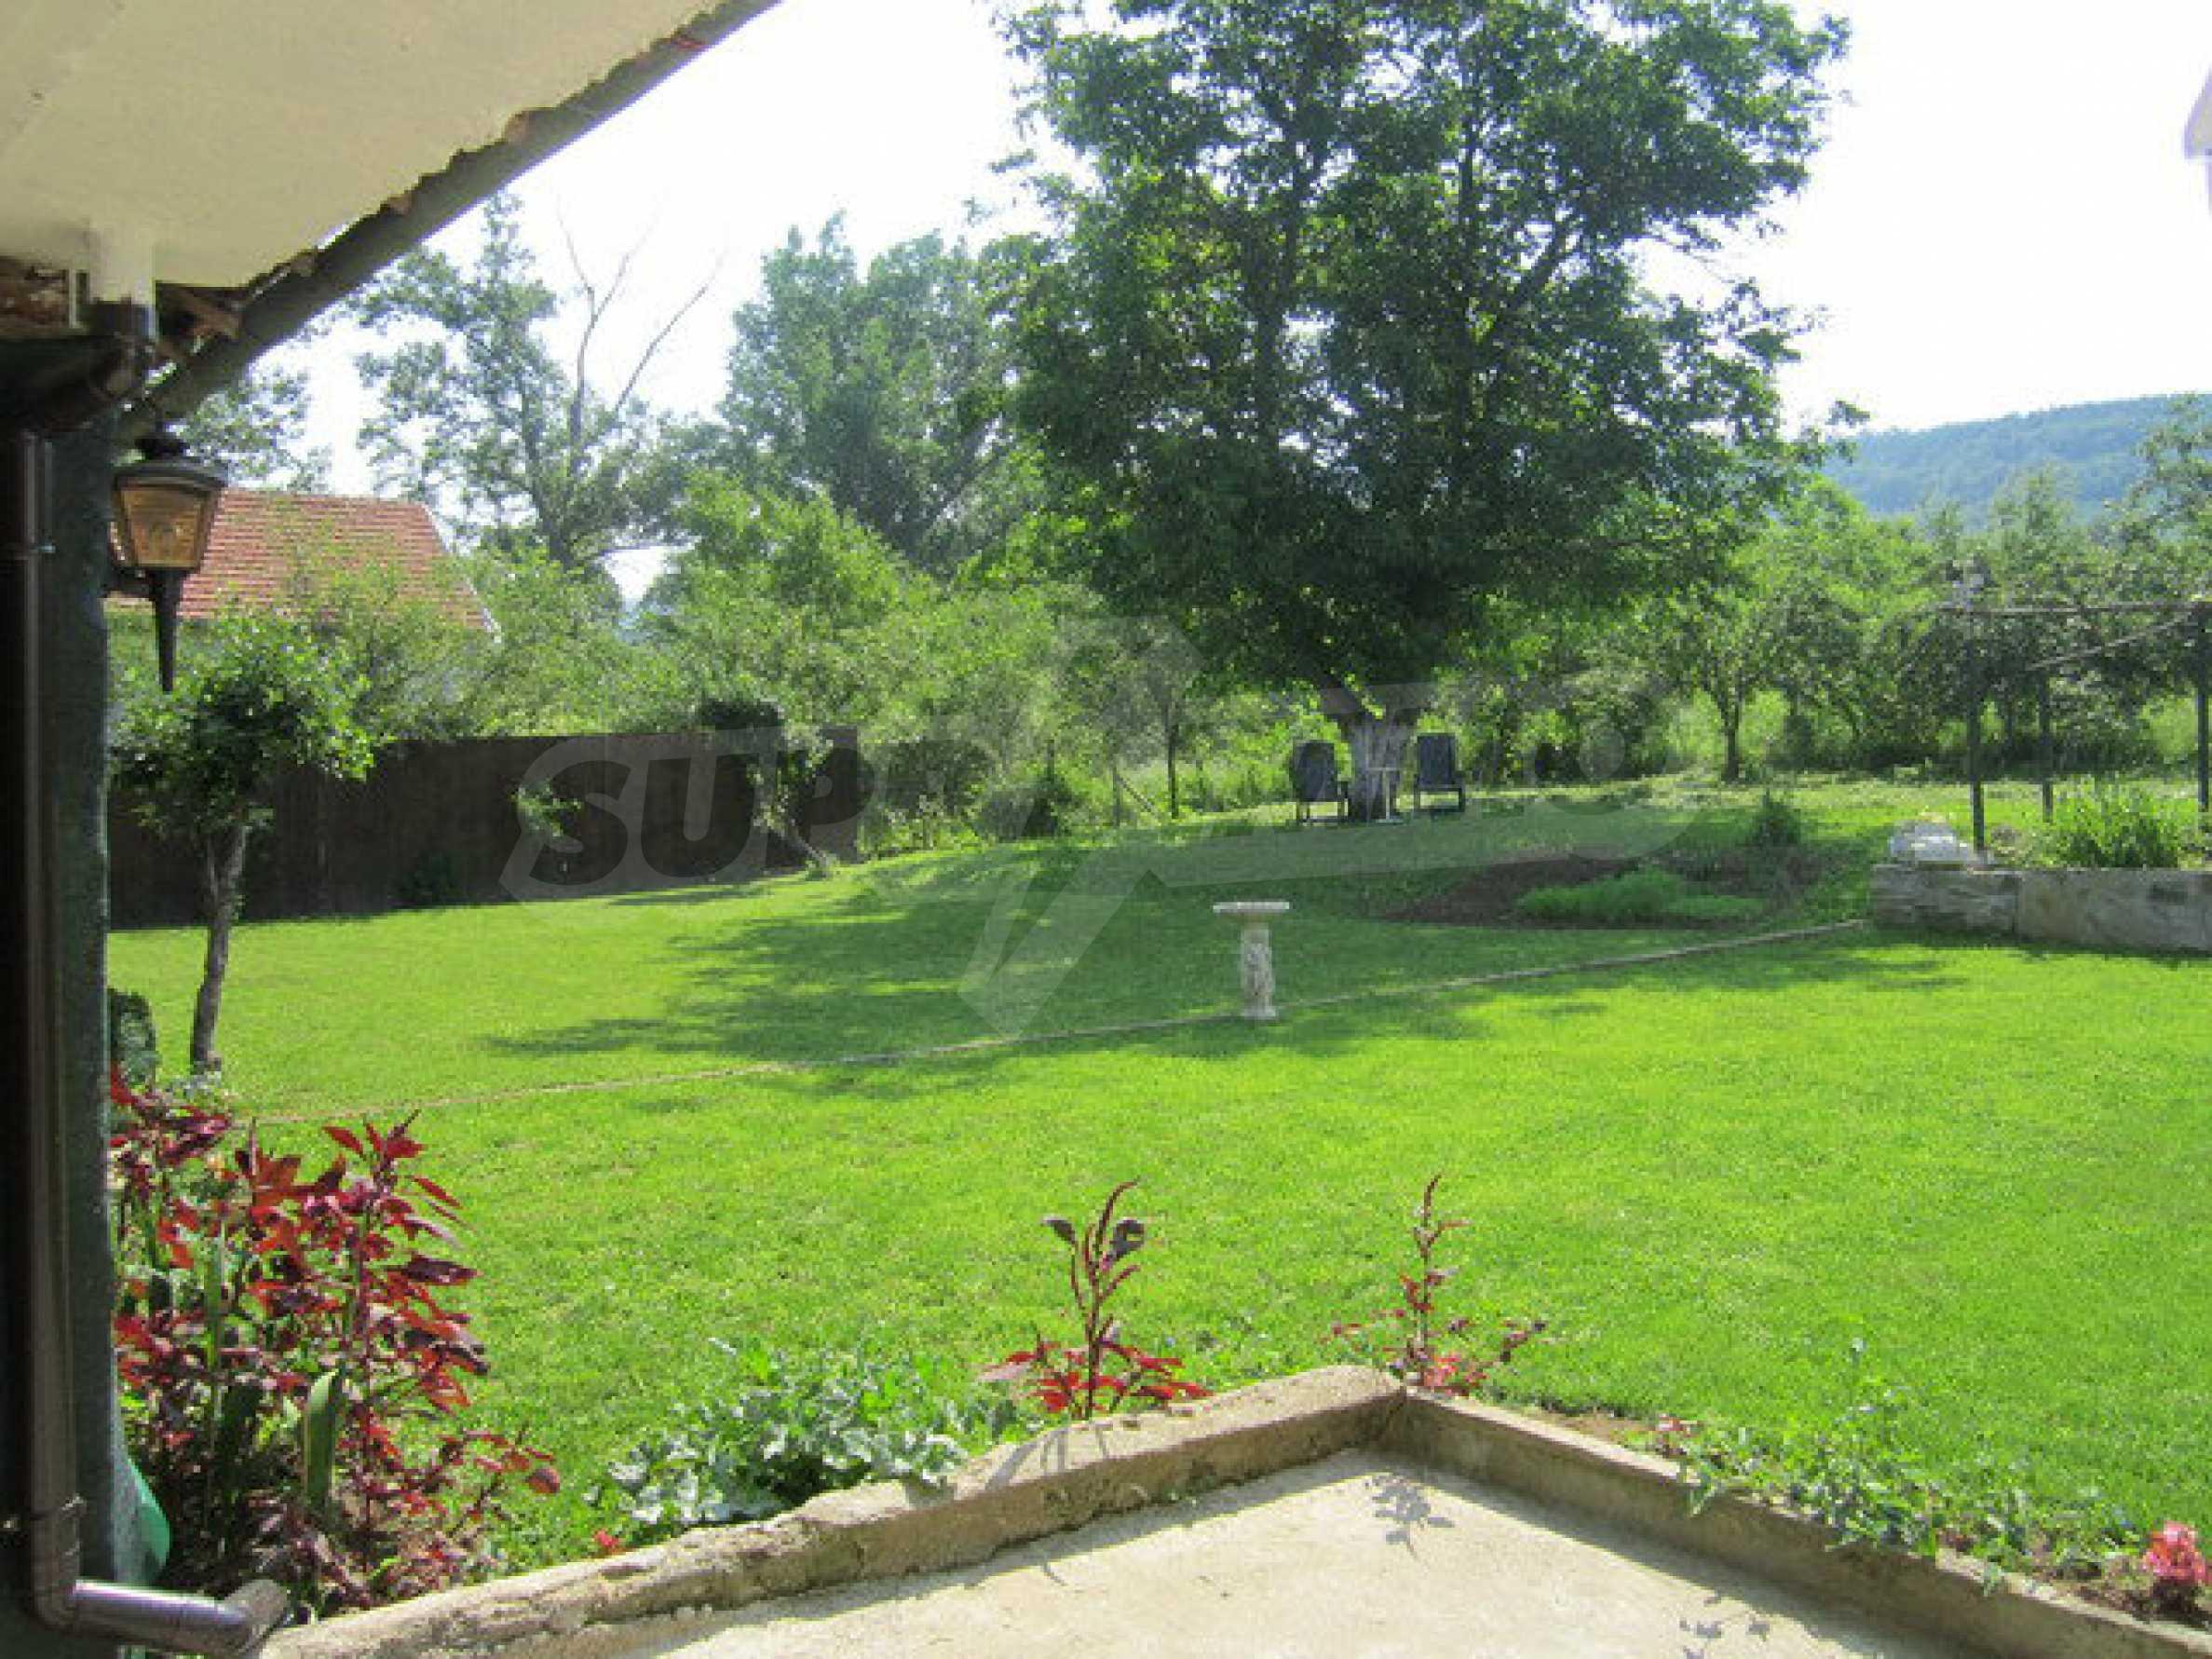 Geräumiges ländliches Anwesen mit einem Garten 20 km. von Veliko Tarnovo 28